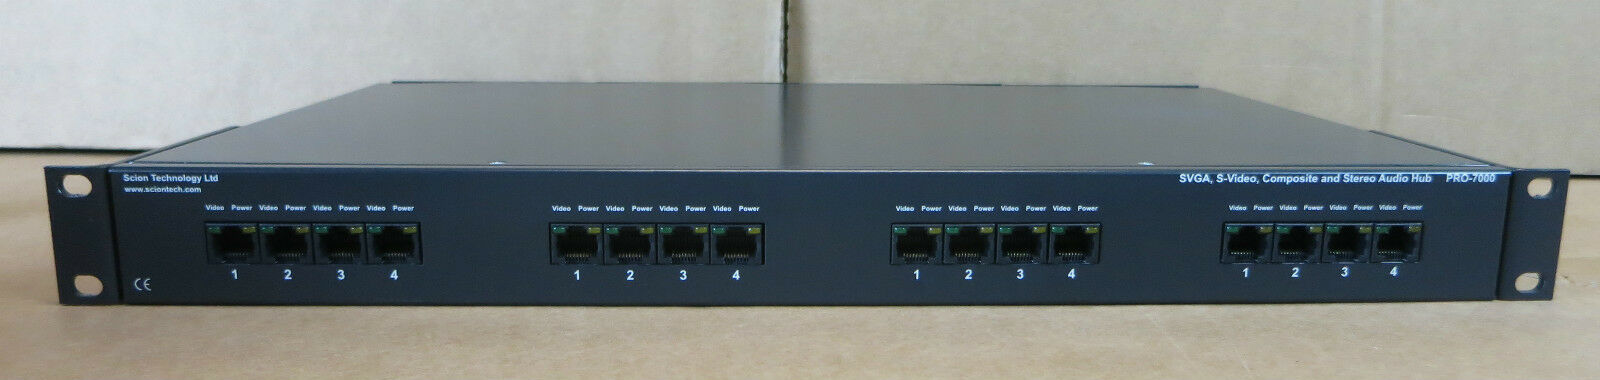 Scion Pro-7000 SVGA, S-Video, Composite & Stereo Audio Hub + 4x Pro-7002 Modules